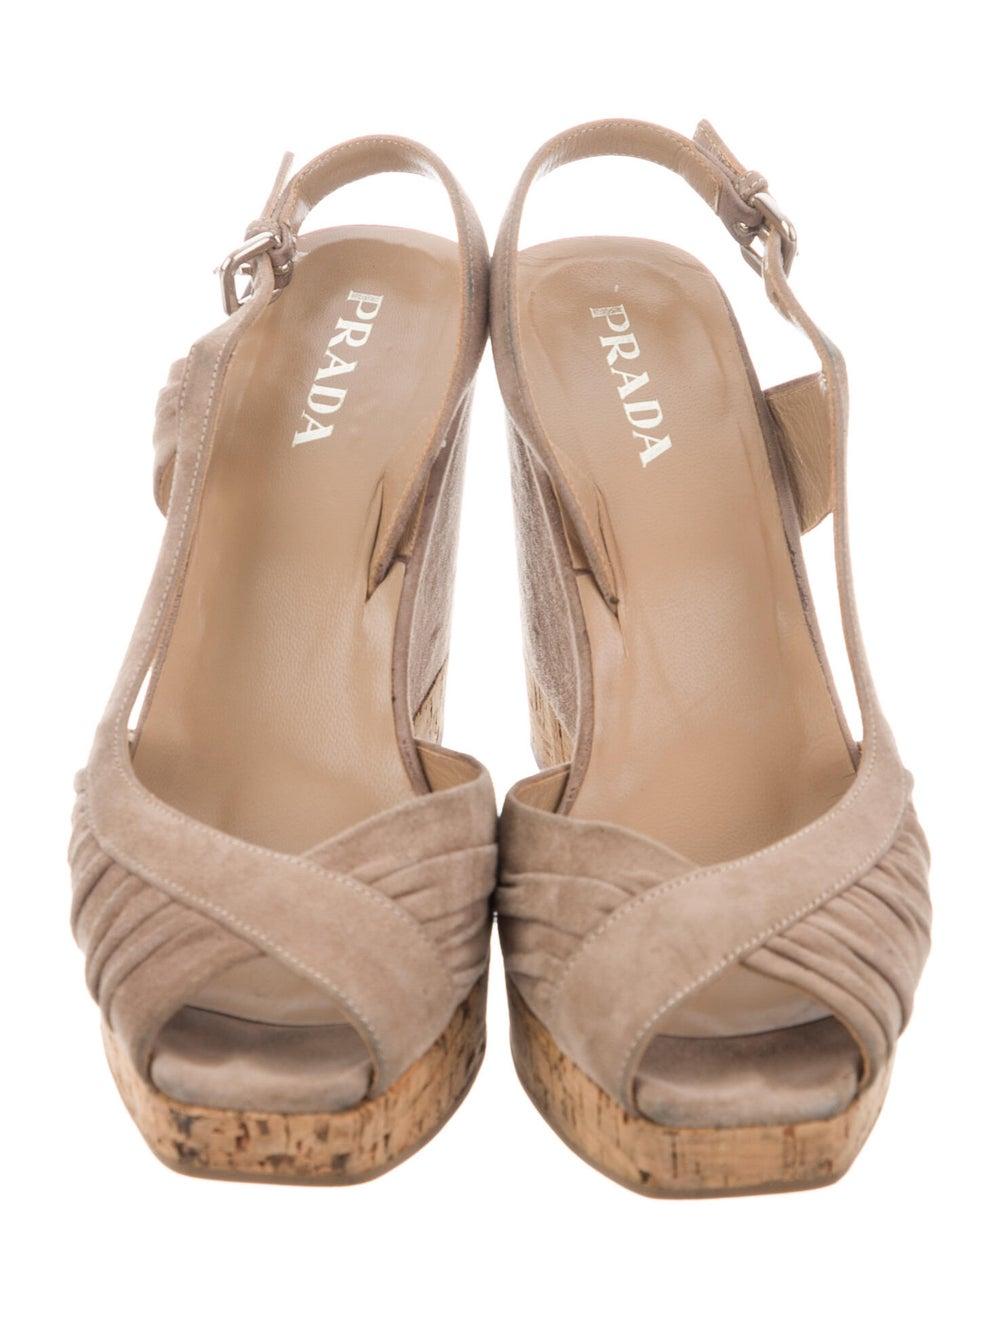 Prada Suede Slingback Sandals - image 3